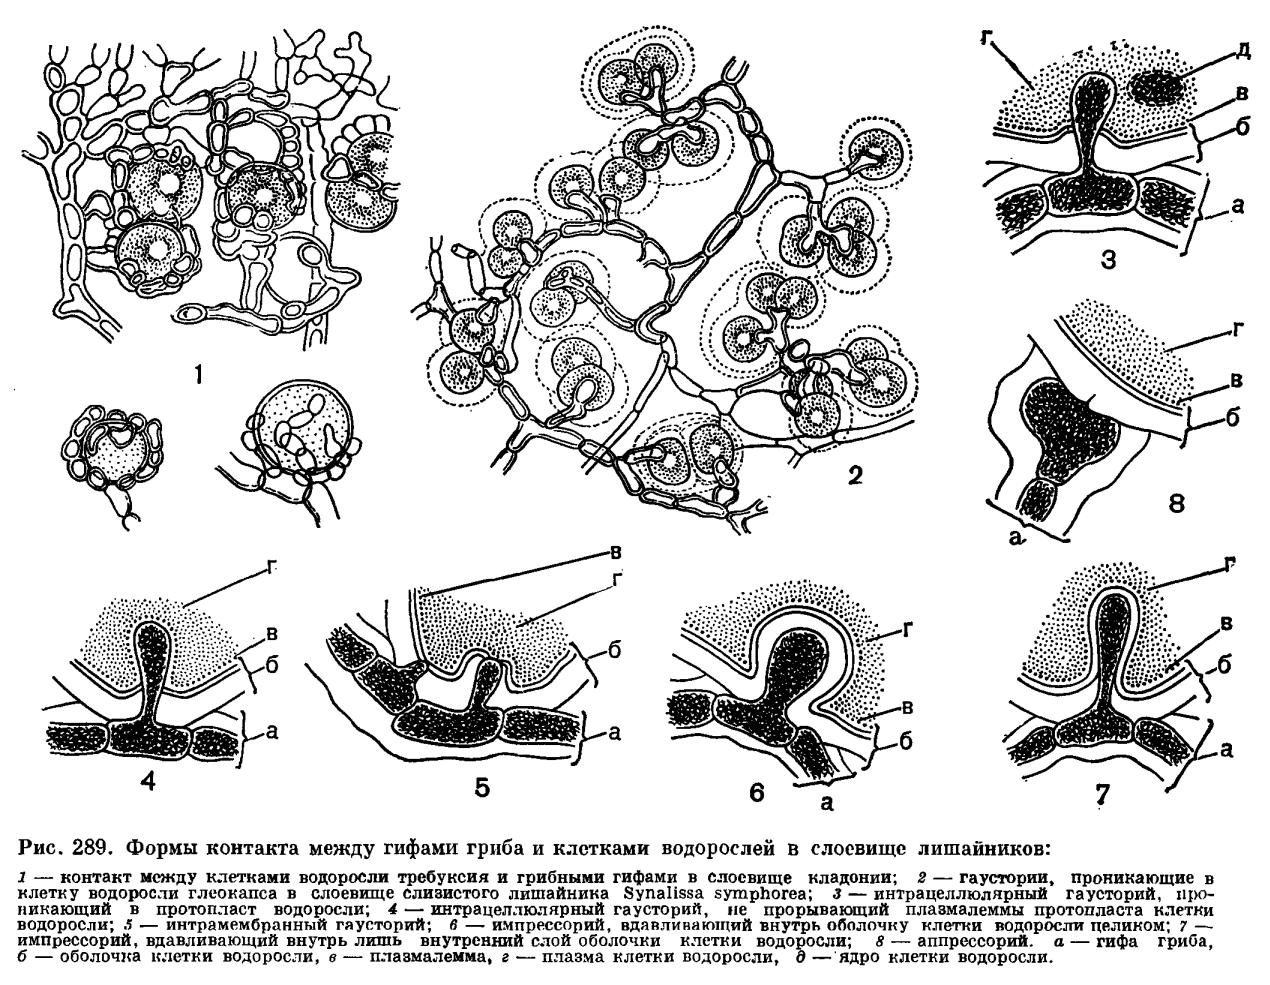 в чем проявляются полезные взаимосвязи гриба и водоросли